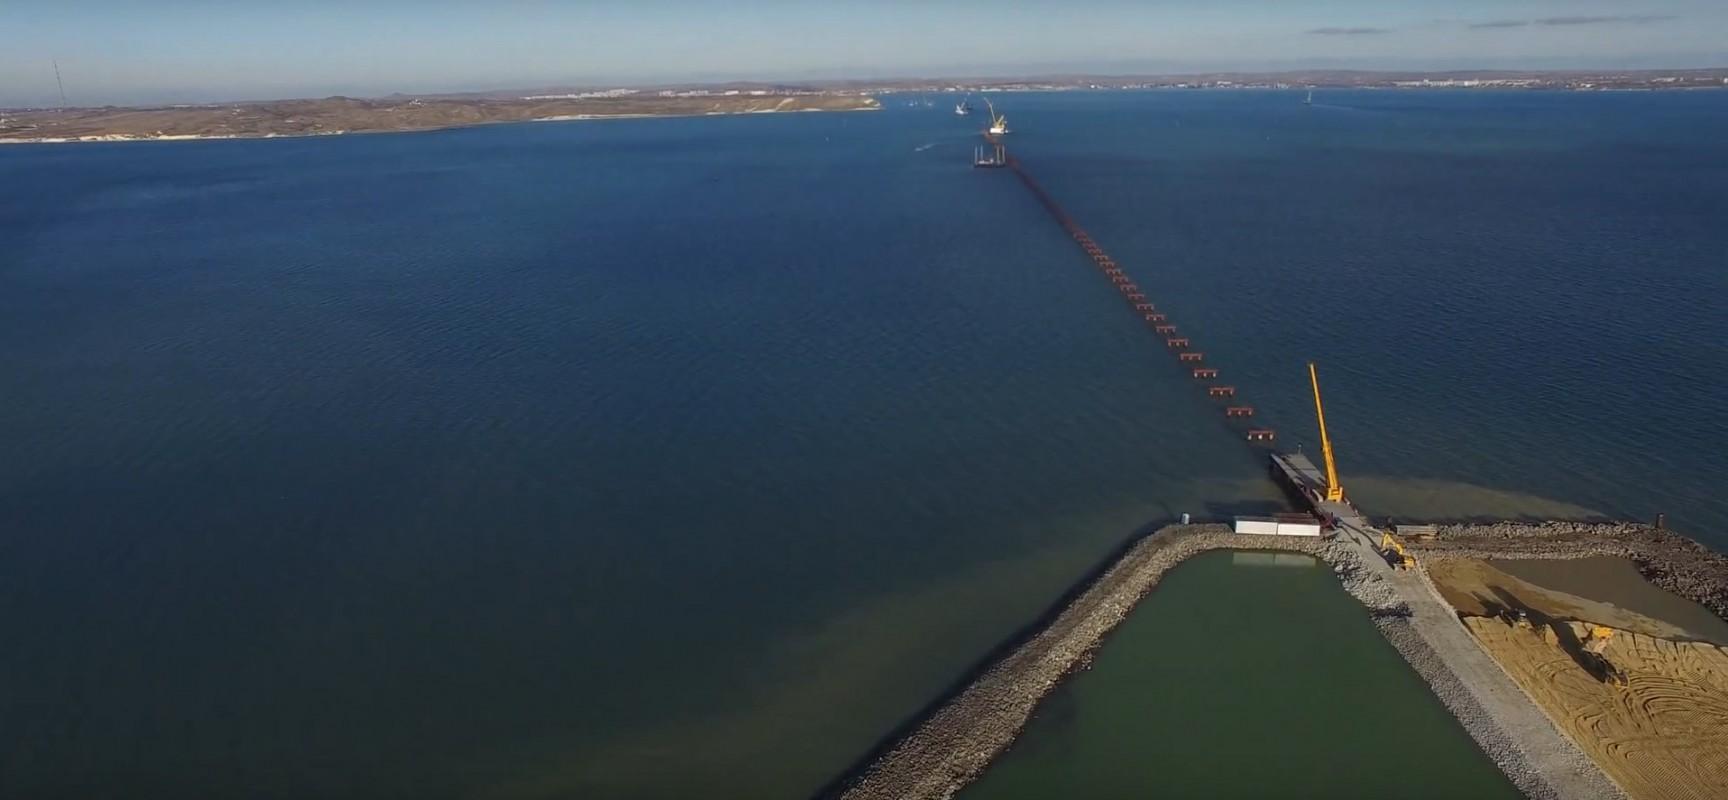 9.12.2015. Строительство технологического моста РМ-2 через Керченский пролив